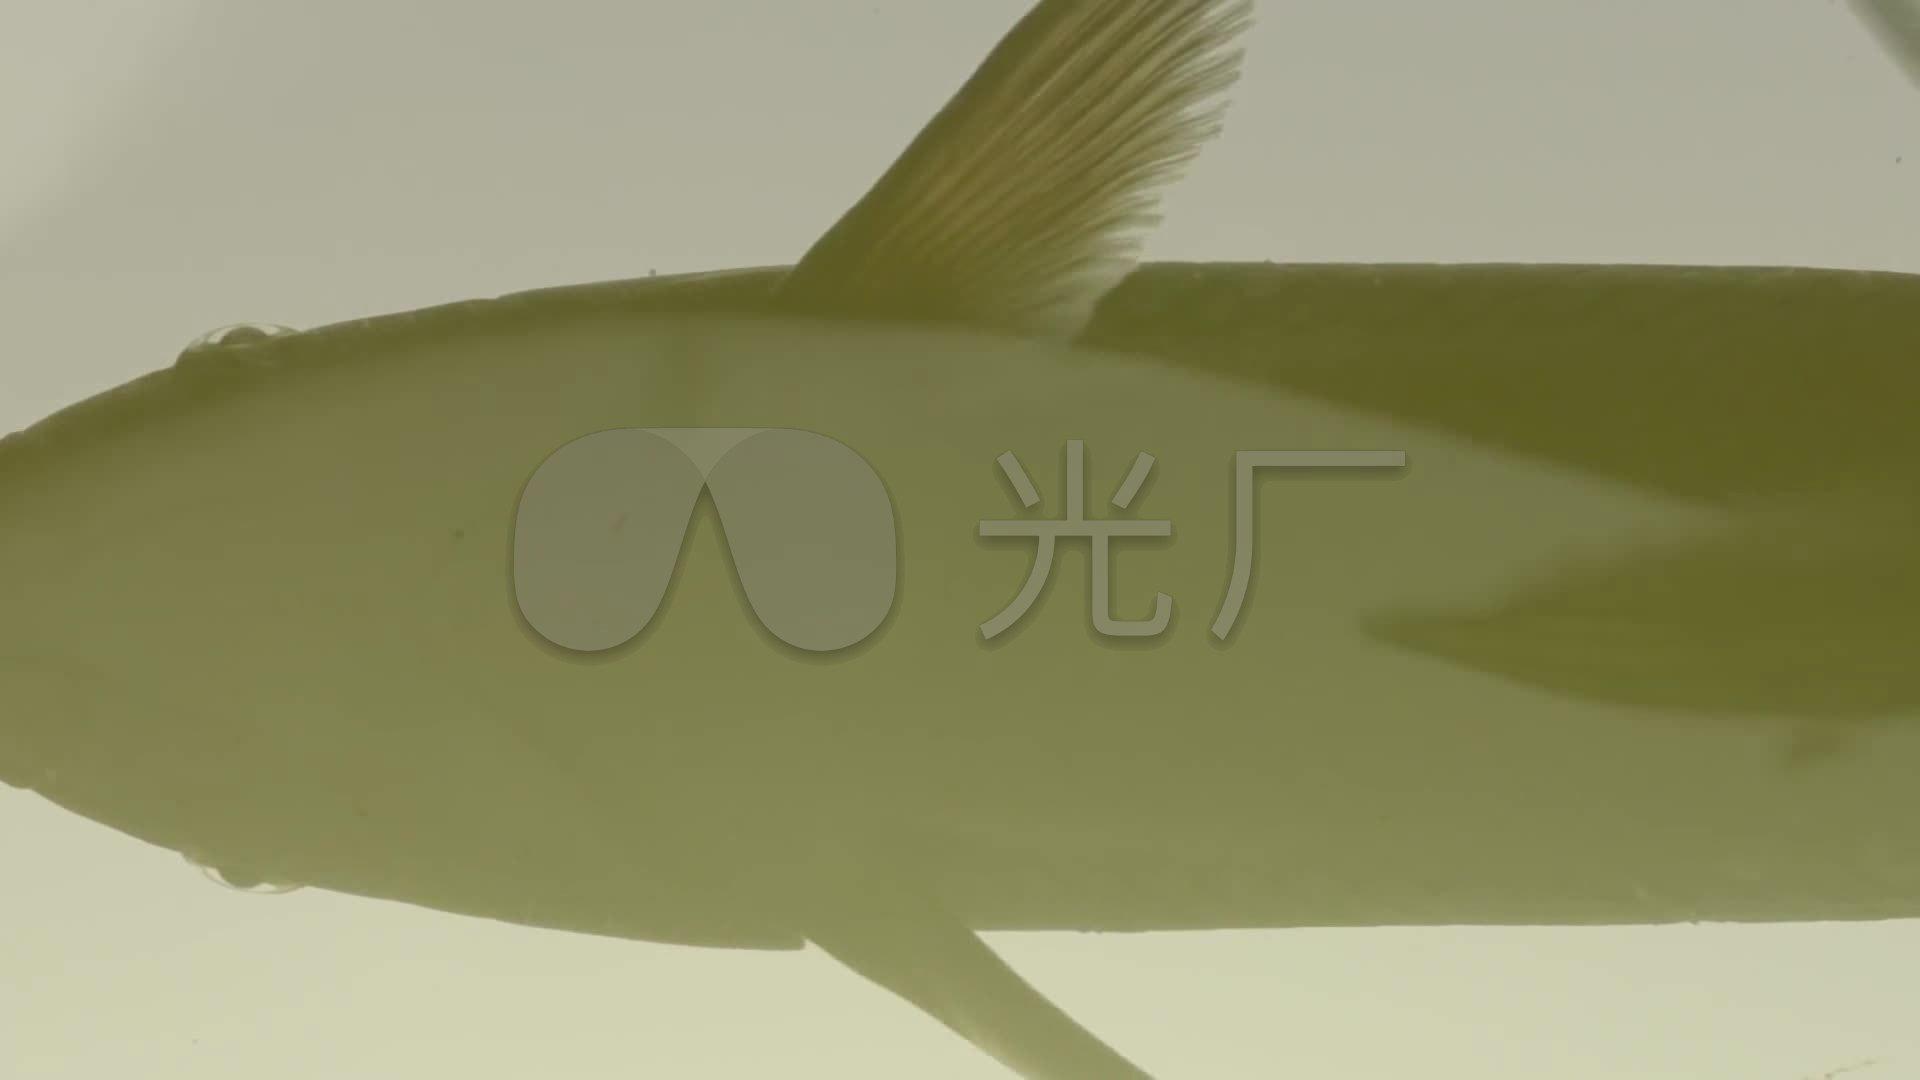 素材高清养鱼_1920X1080_农村视频特权下载网鱼塘视频图片